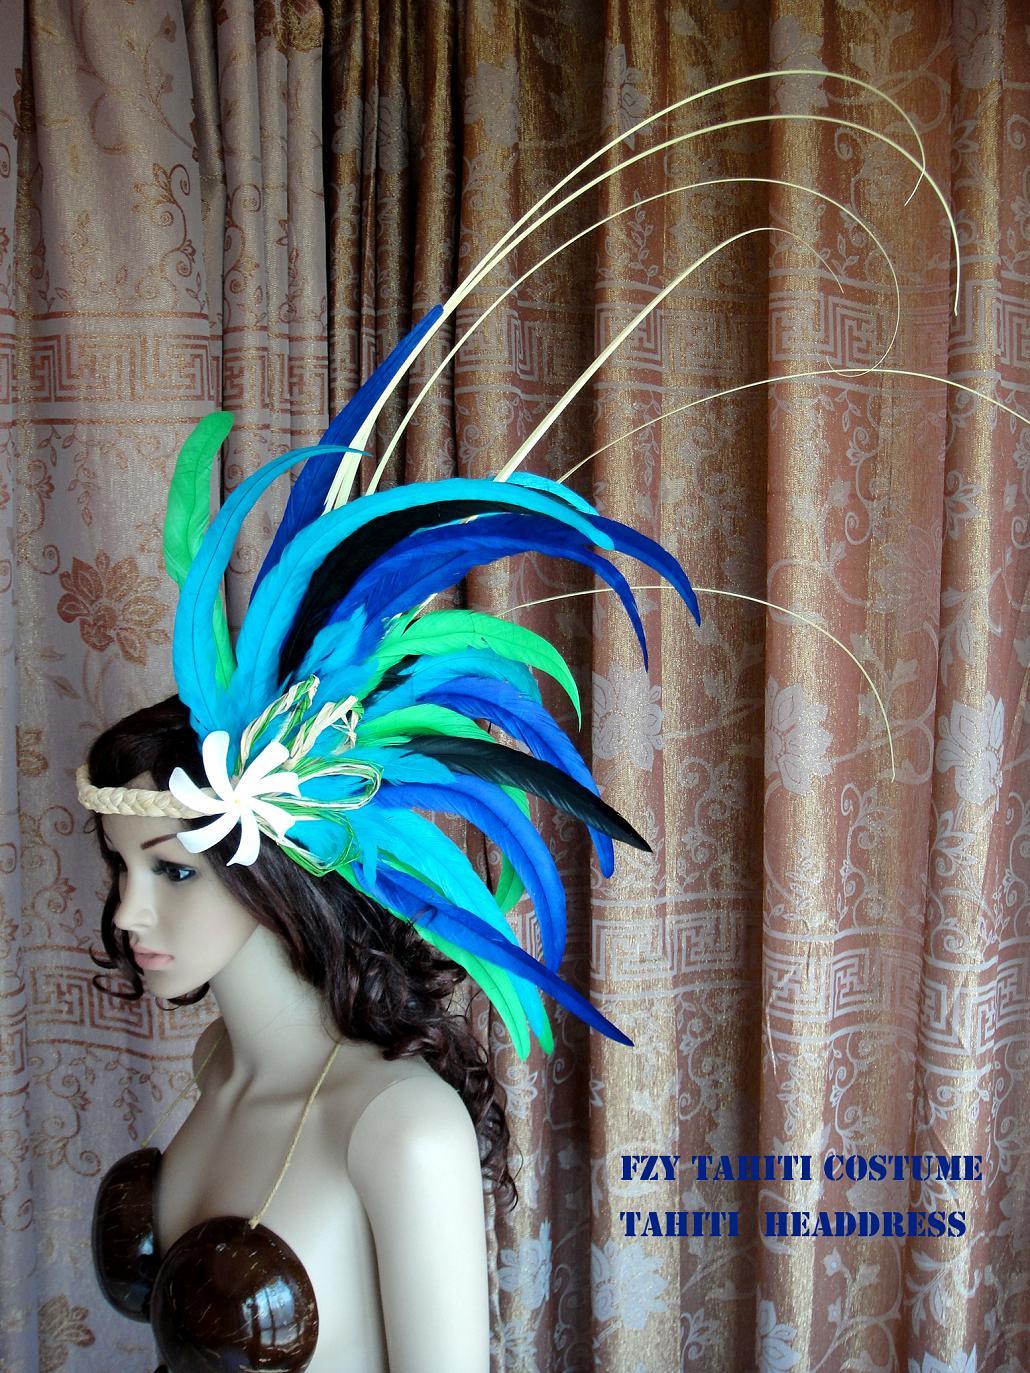 夏威夷草裙舞发饰大溪地草裙舞表演基础款头饰Tahiti headdress